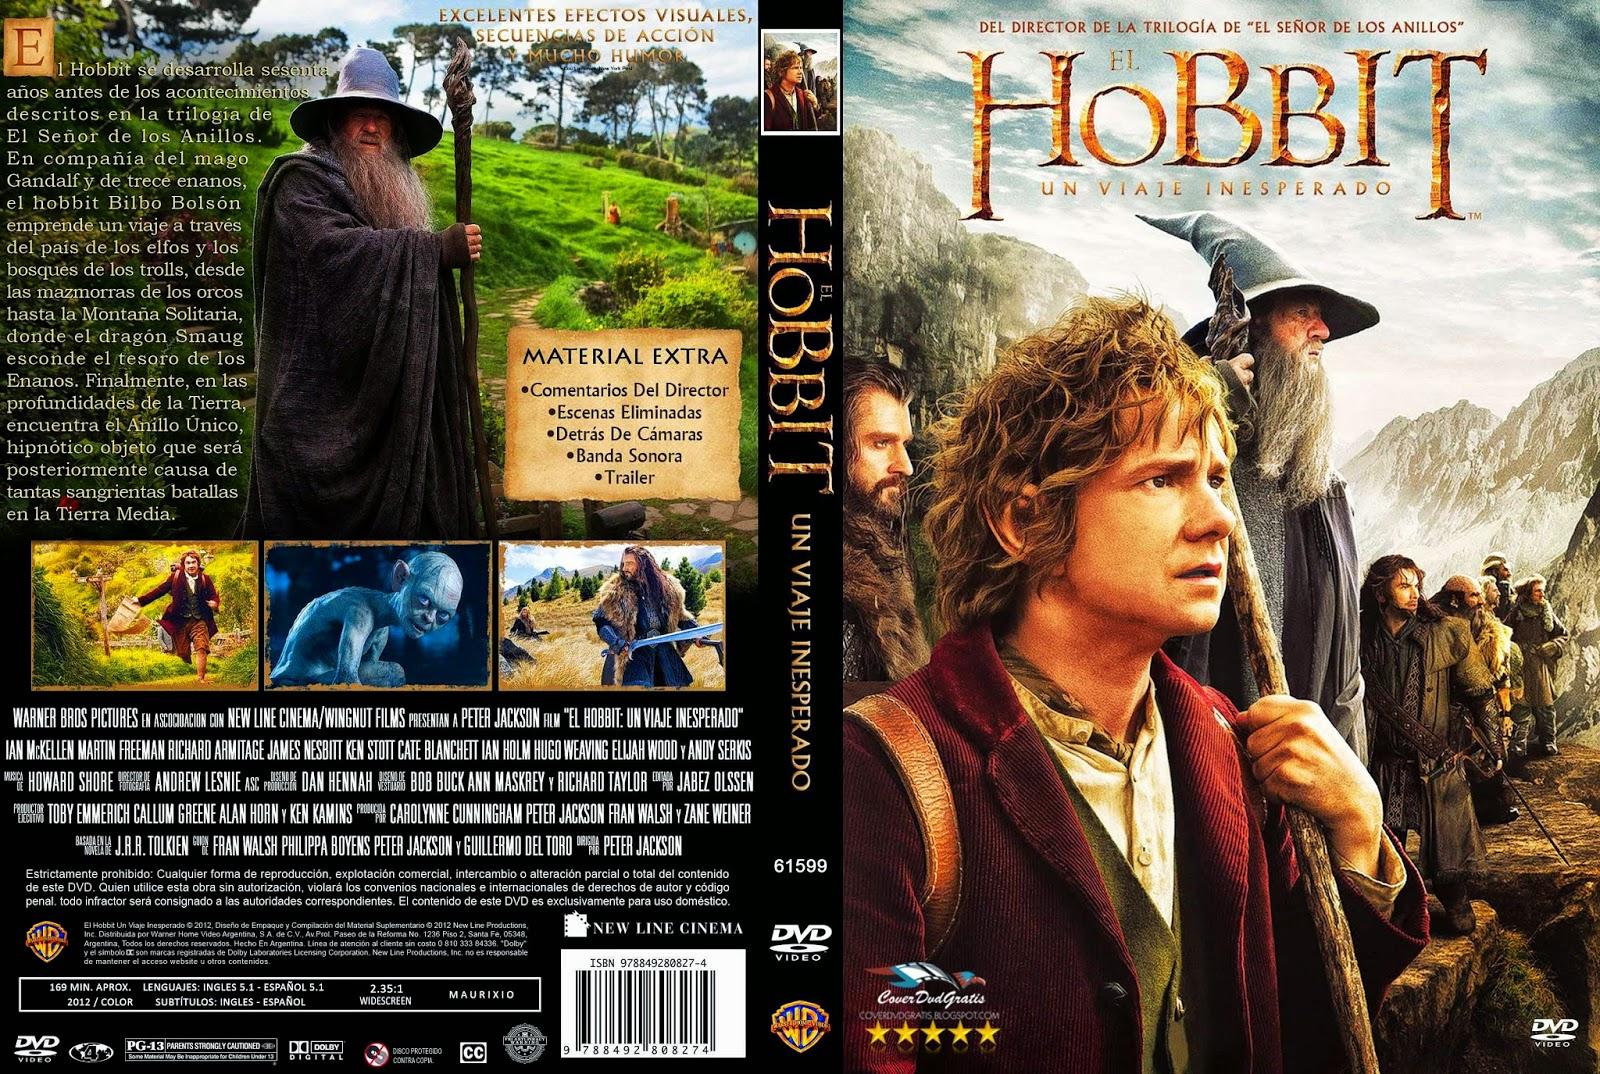 hobbit 3 auf dvd